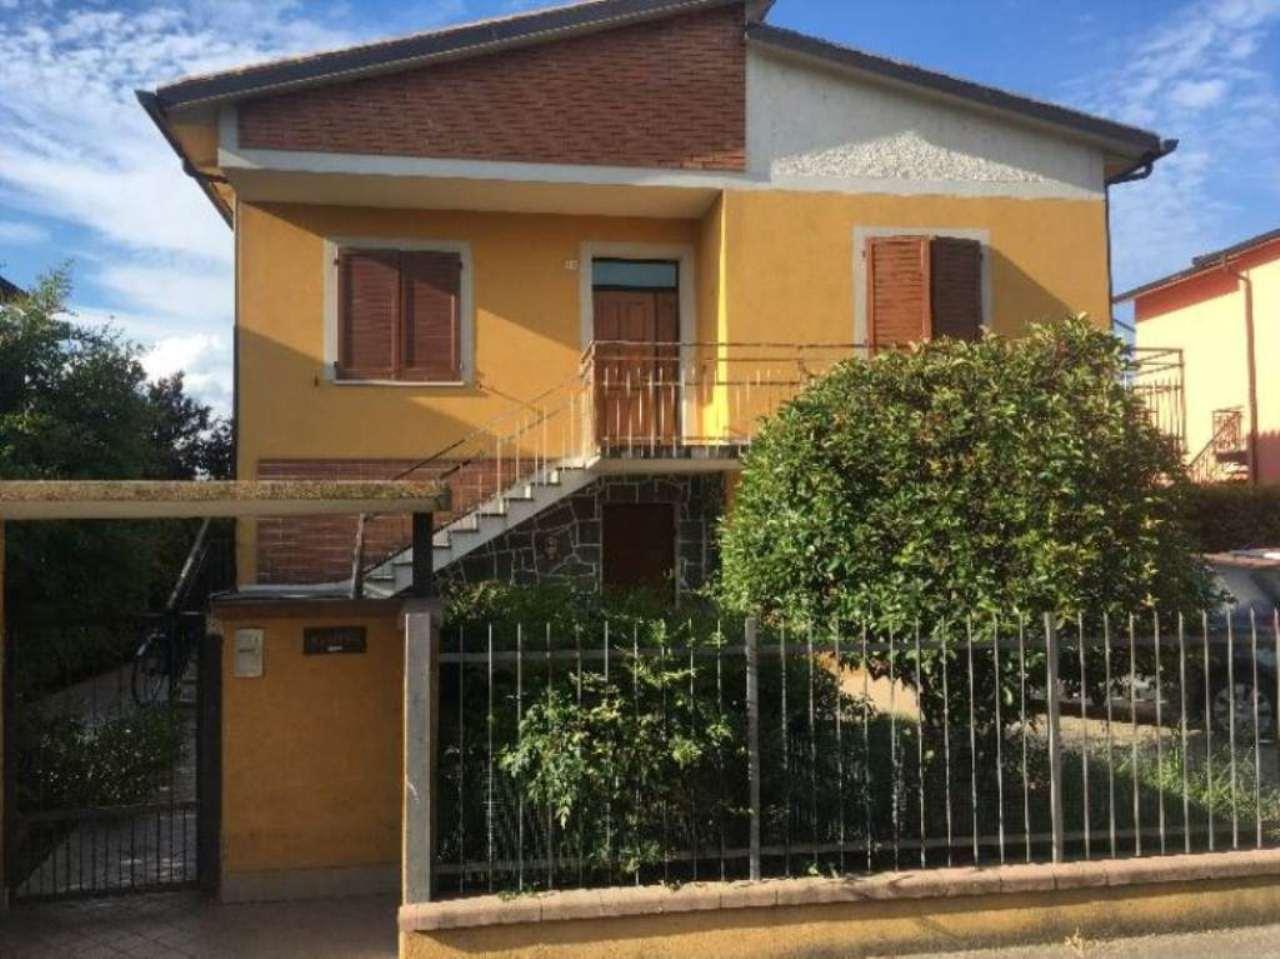 Villa in vendita a Gadesco-Pieve Delmona, 5 locali, prezzo € 315.000 | Cambio Casa.it